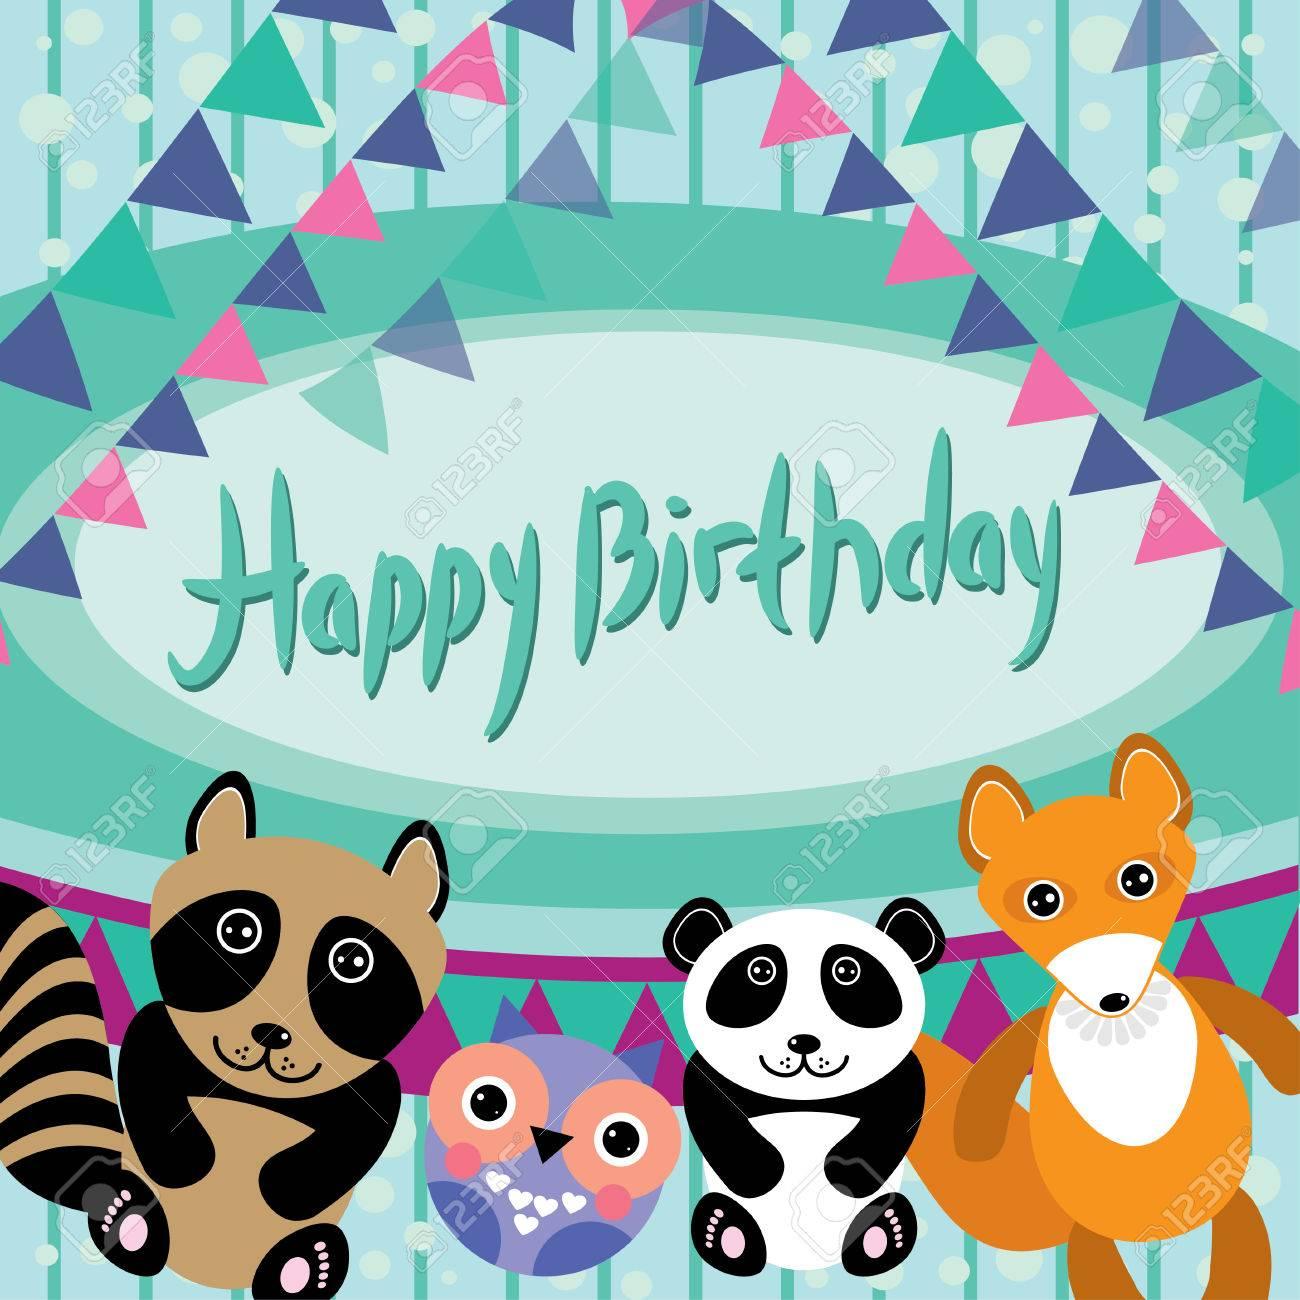 Lustige Tiere Eule Fuchs Waschbar Panda Alles Gute Zum